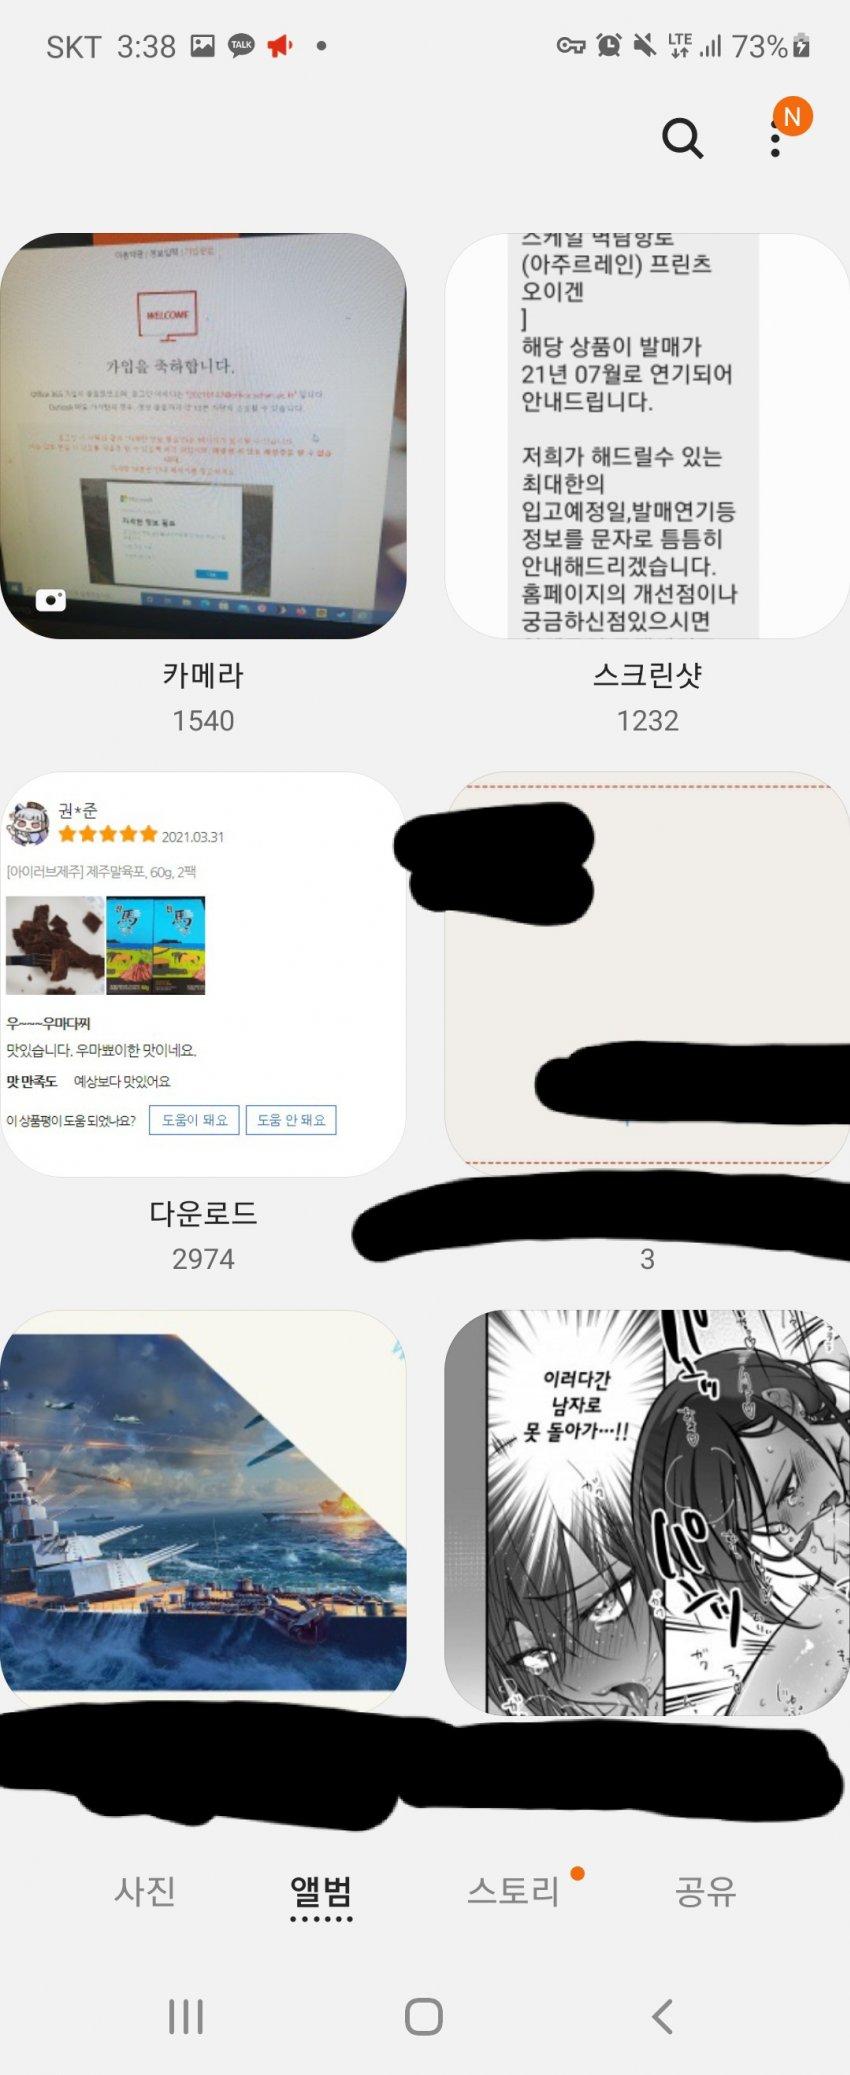 viewimage.php?id=39b2c9&no=24b0d769e1d32ca73dec81fa11d028314d3faebecfec25ed6aa779bc795af30e8c4b2029cdc19c975bedb261d4300fbaf118f4bcb278e37b80a8844289efe8199a532e54fe948d5af57c72bf3643